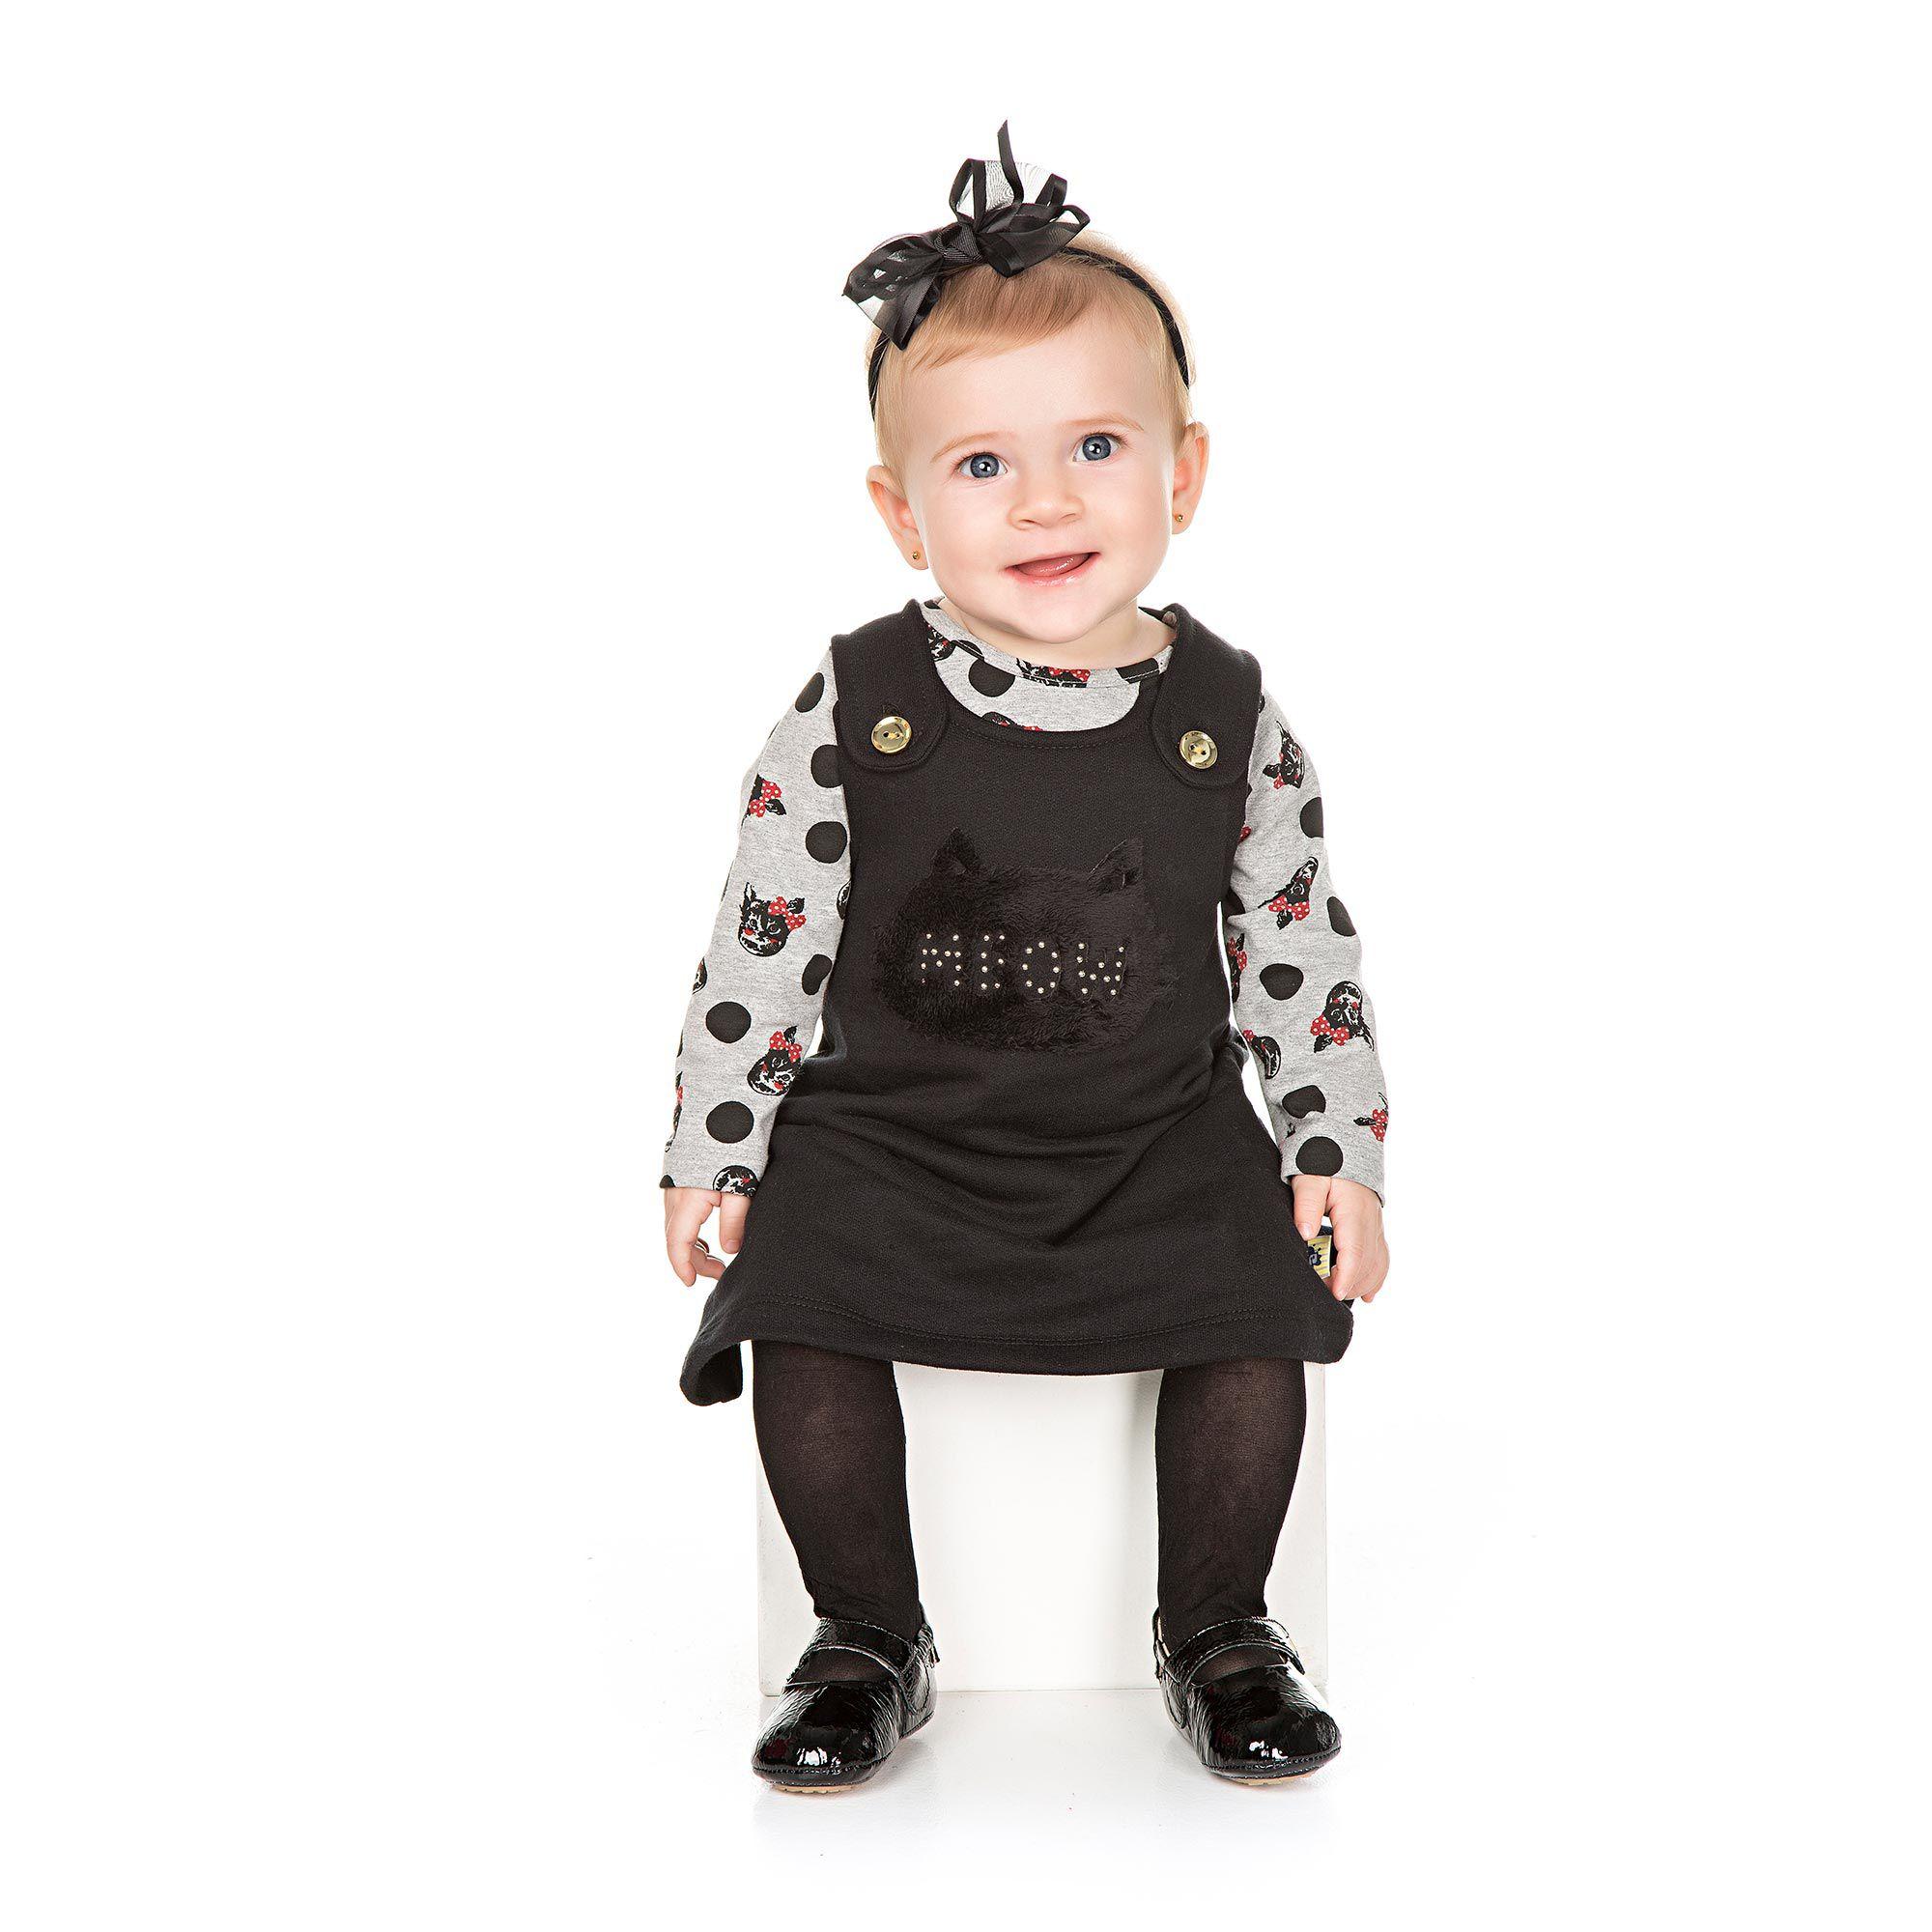 Vestido de Moletom + Body Blusa para Bebê 2 peças - Ref 4938 - E30/Preto